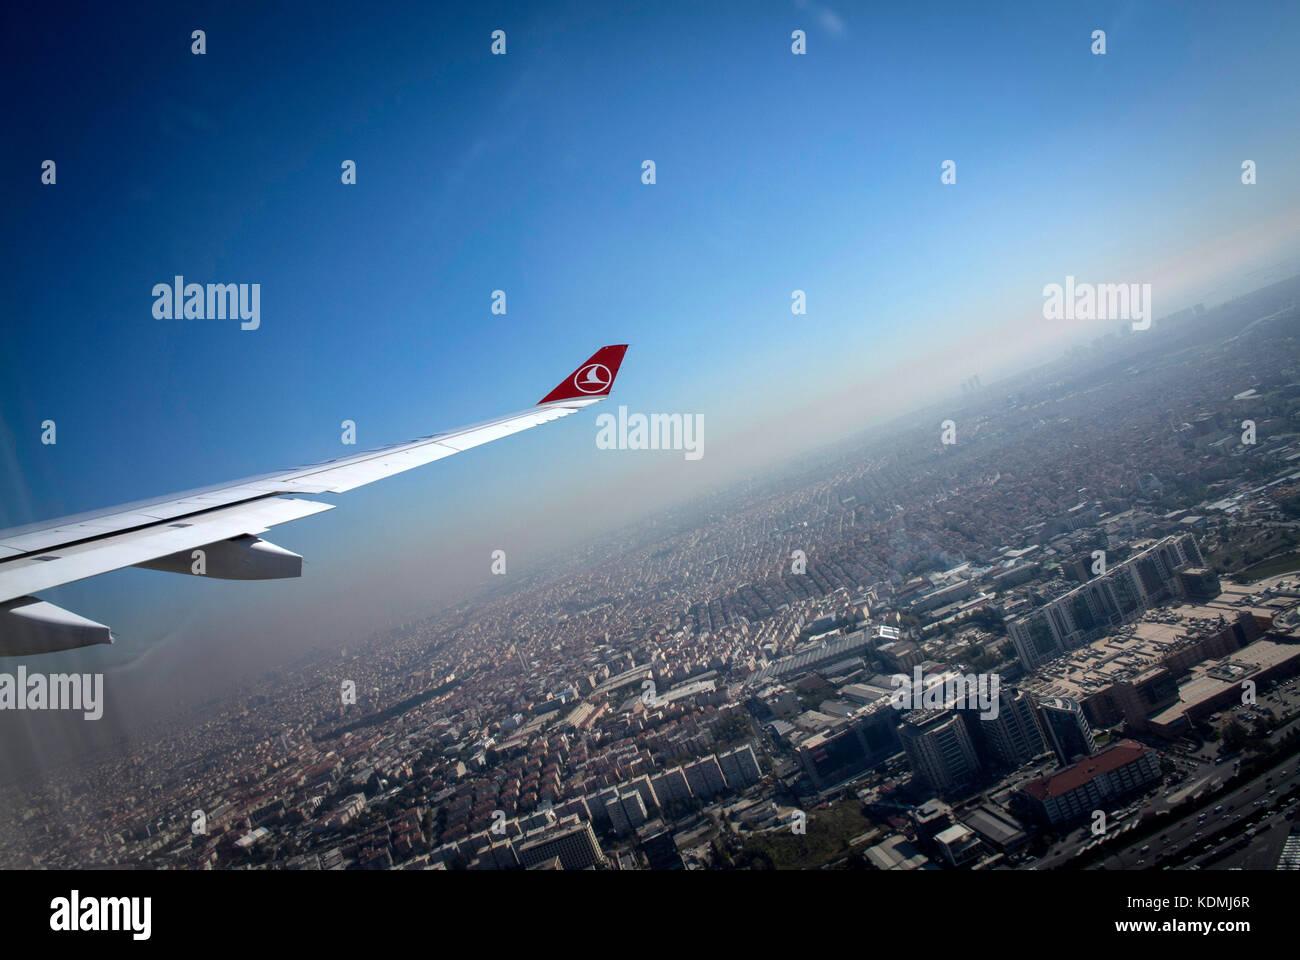 Il decollo dall'aeroporto di Istanbul in Turchia. Immagini Stock